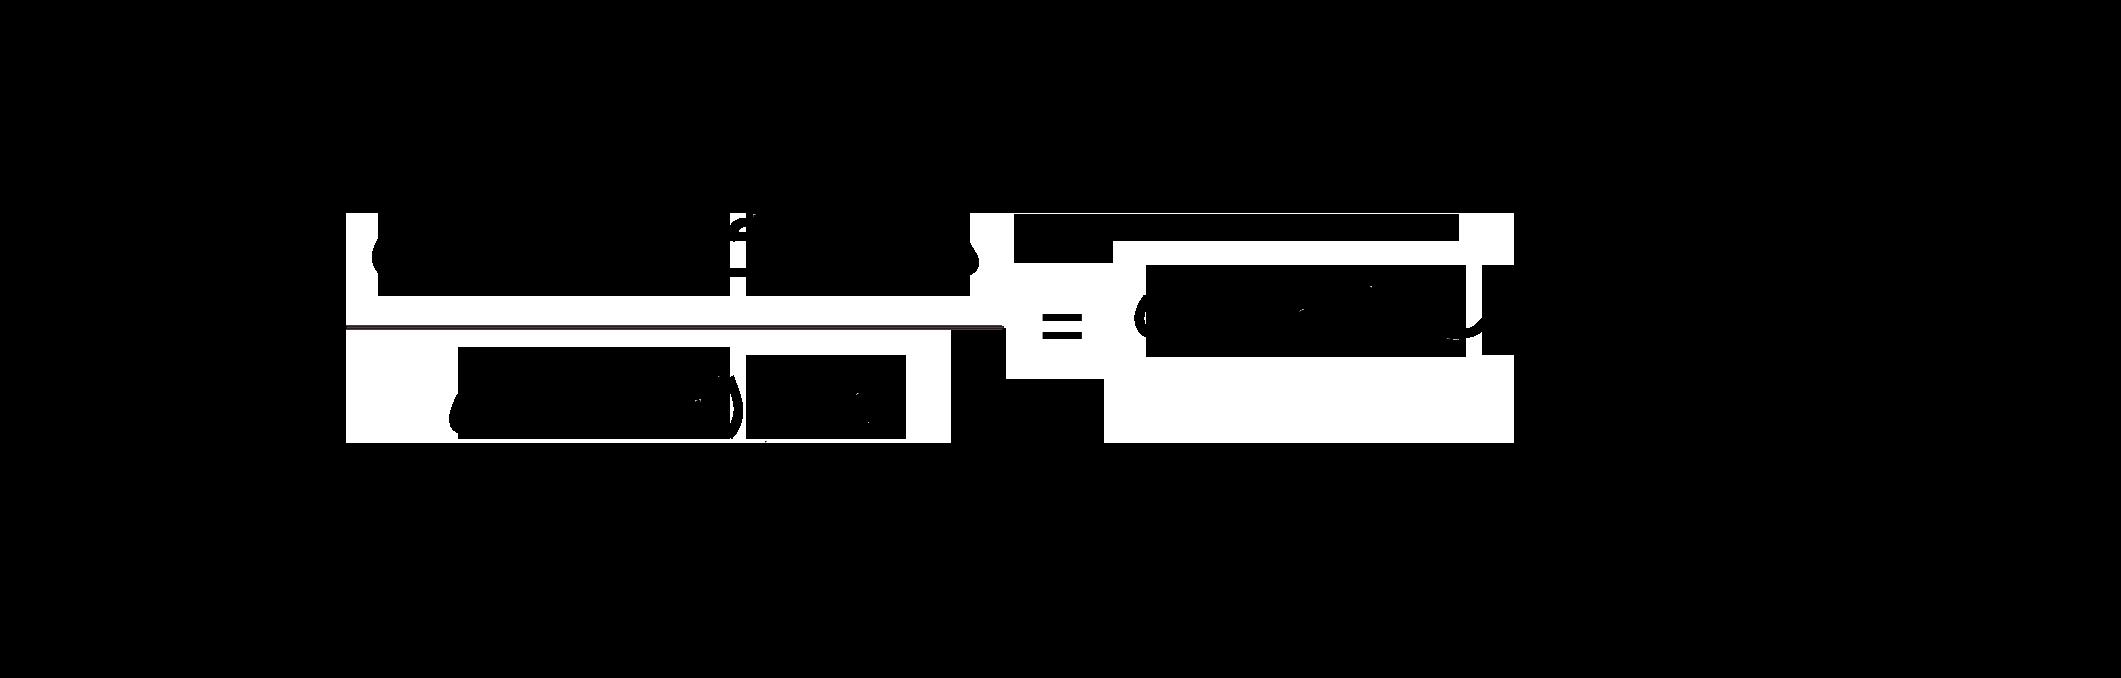 فرمول مقدار کربوهیدرات به مقدار نیتروژن